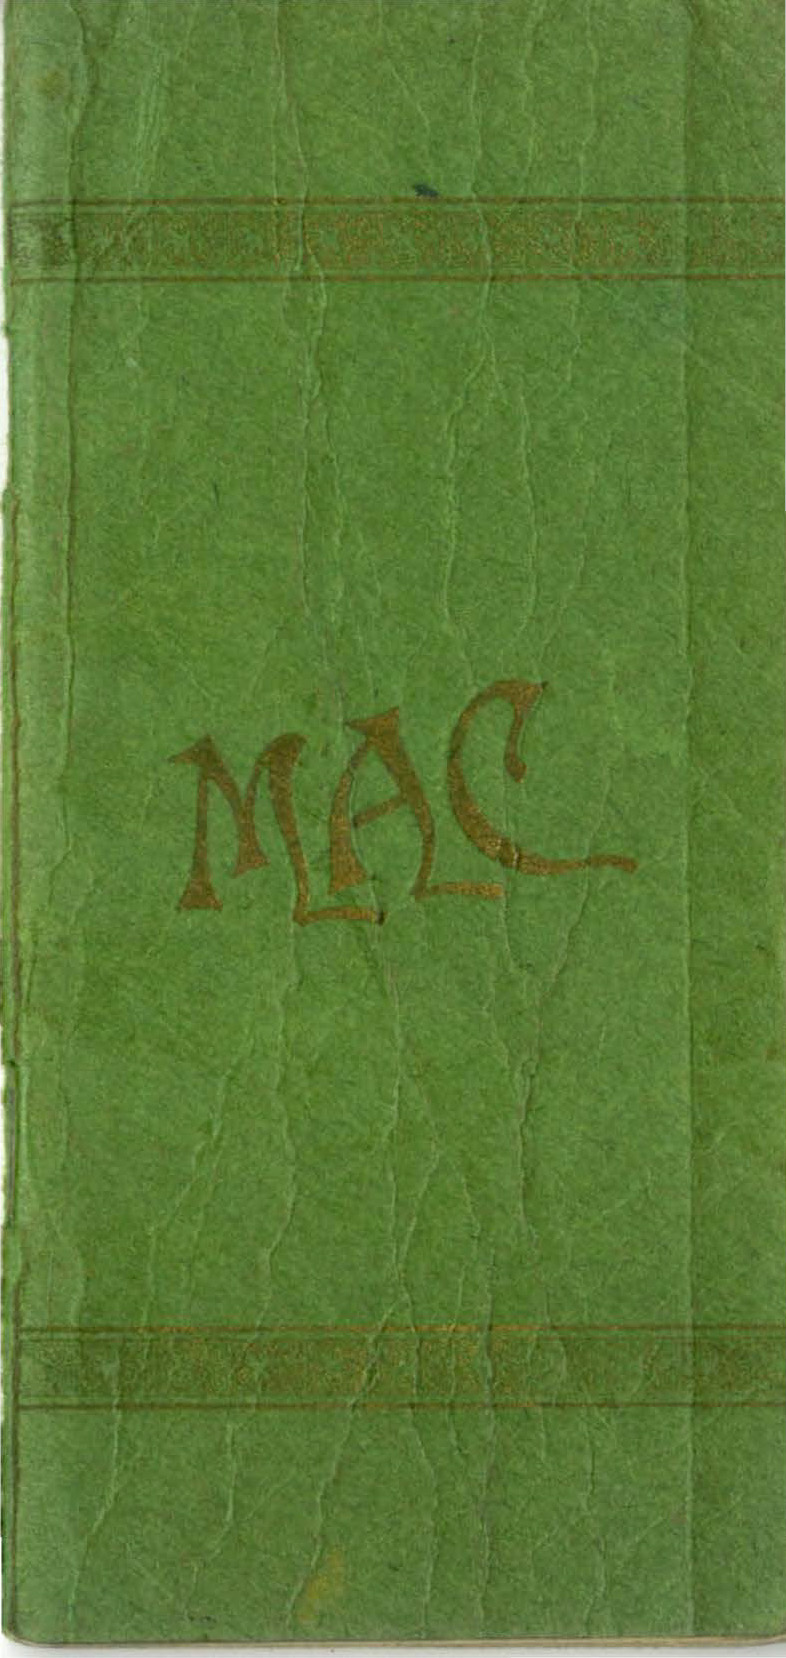 Student Handbook, 1899-1900